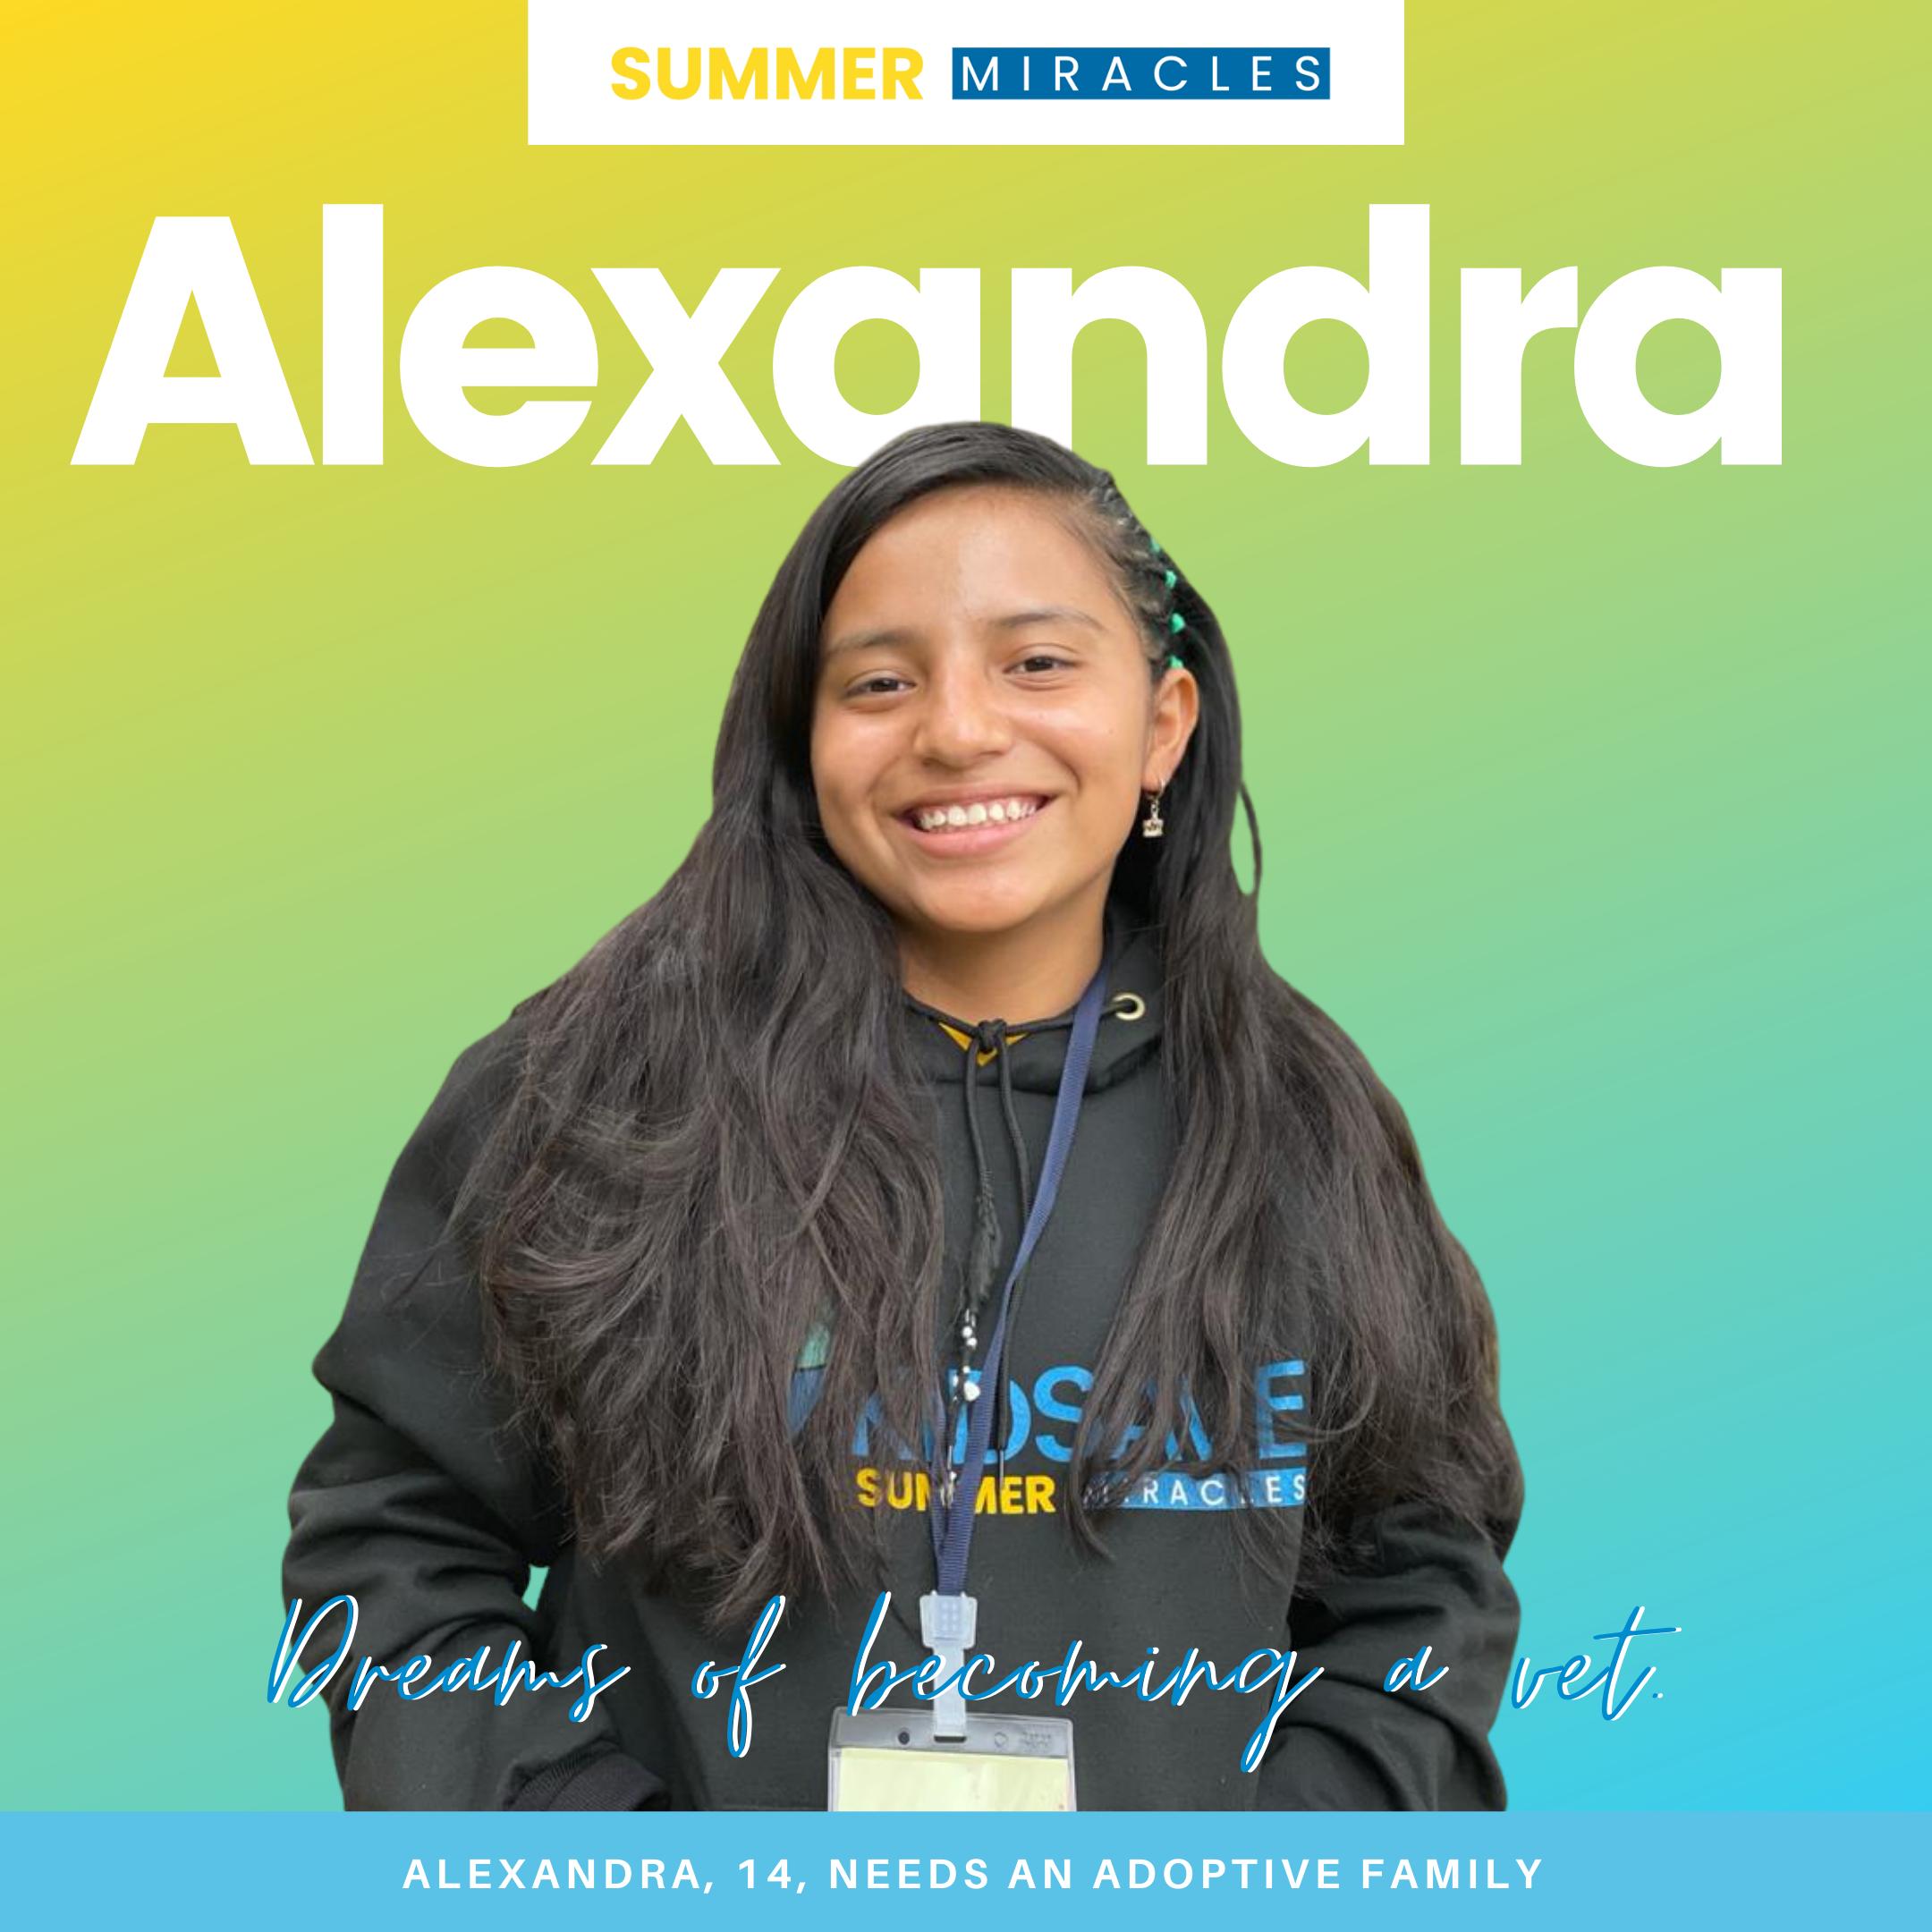 Meet Alexandra